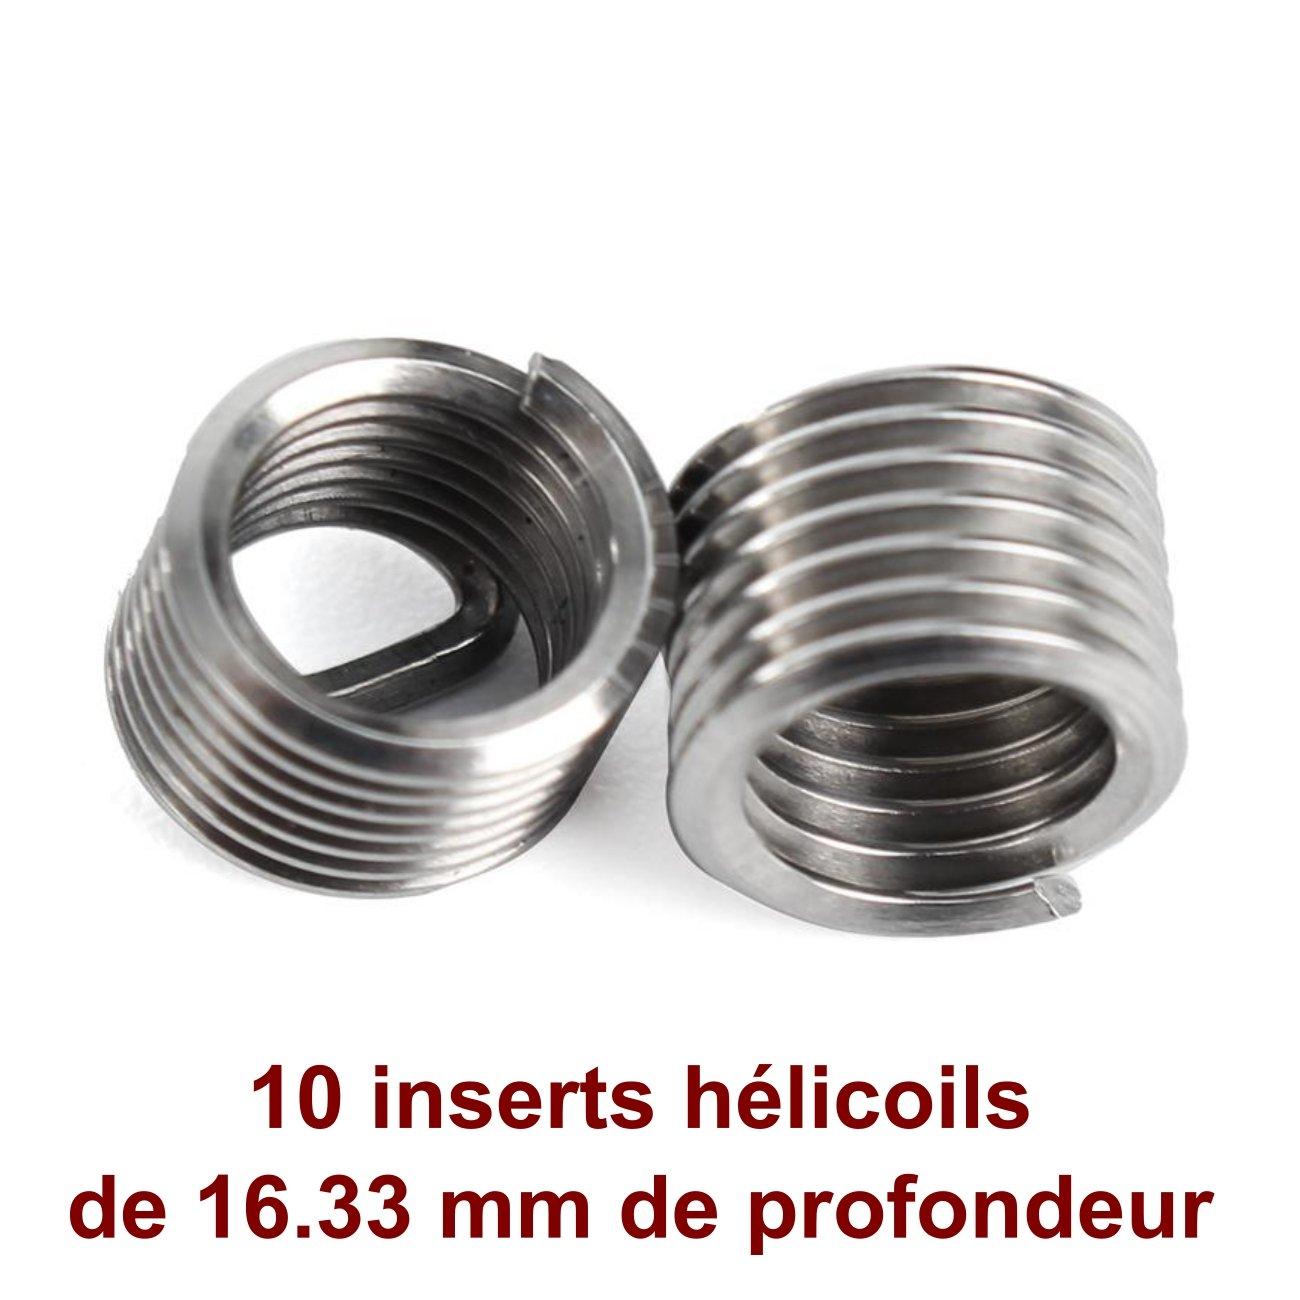 MECASTONE HELICOIL M8 x 1.25 Coffret de r/éparation de Filetage Filets rapport/és Inserts h/élicoil kit 25 pi/èces M8x125